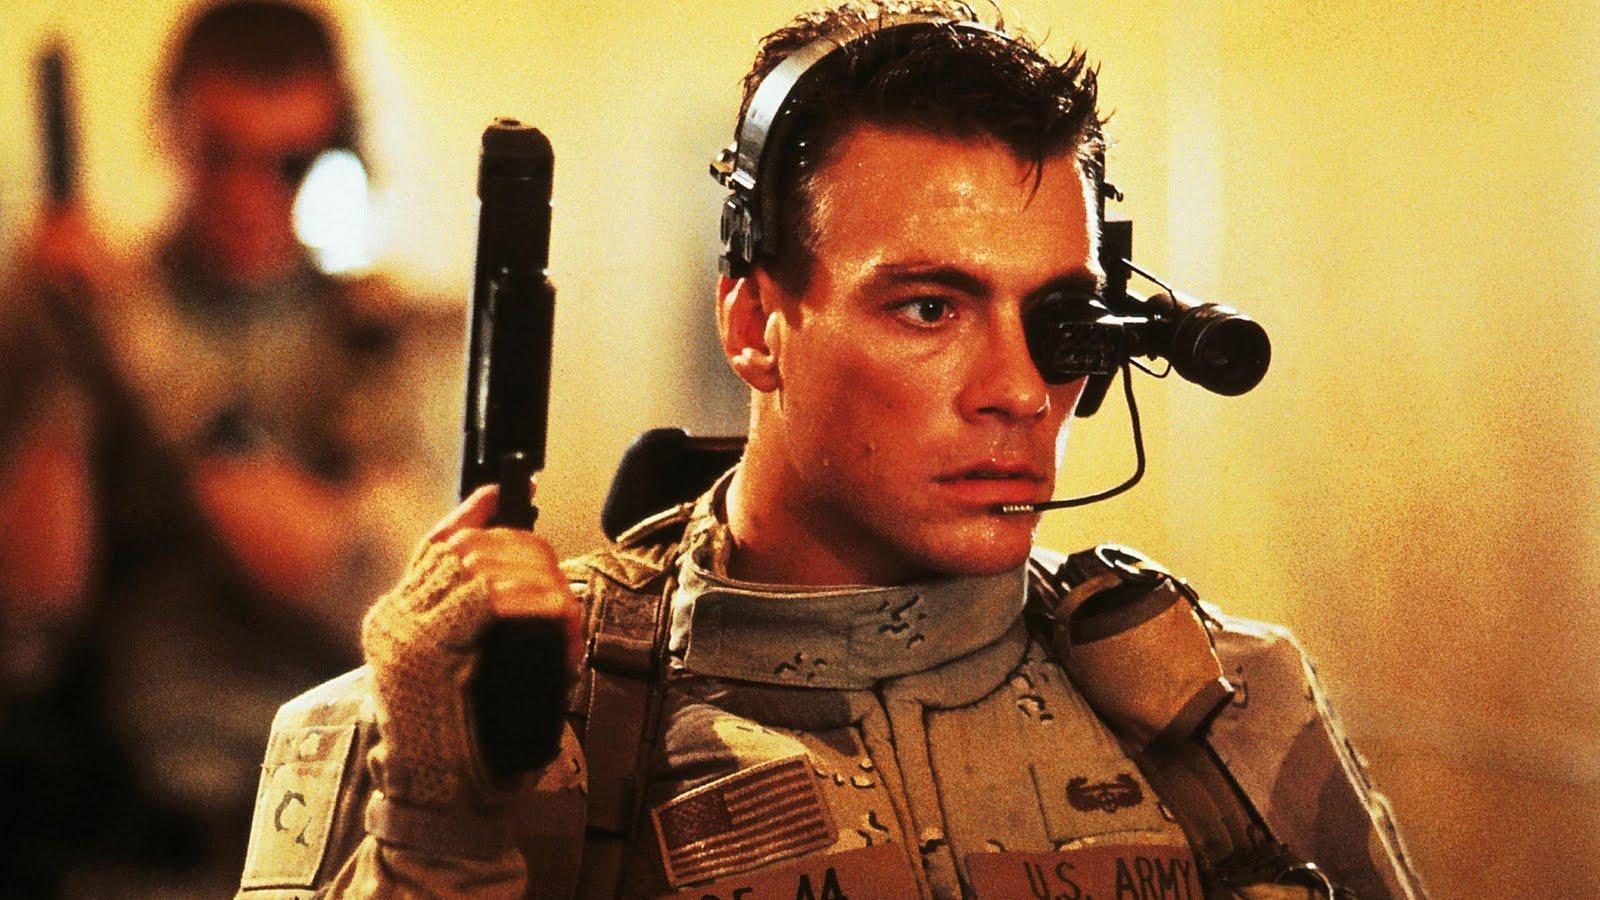 http://1.bp.blogspot.com/-SjTE9gVLhMc/TonShBLZM7I/AAAAAAAA908/lsfSj4CyyKw/s1600/Universal-Soldier-Cyborg-Wallpaper.jpg